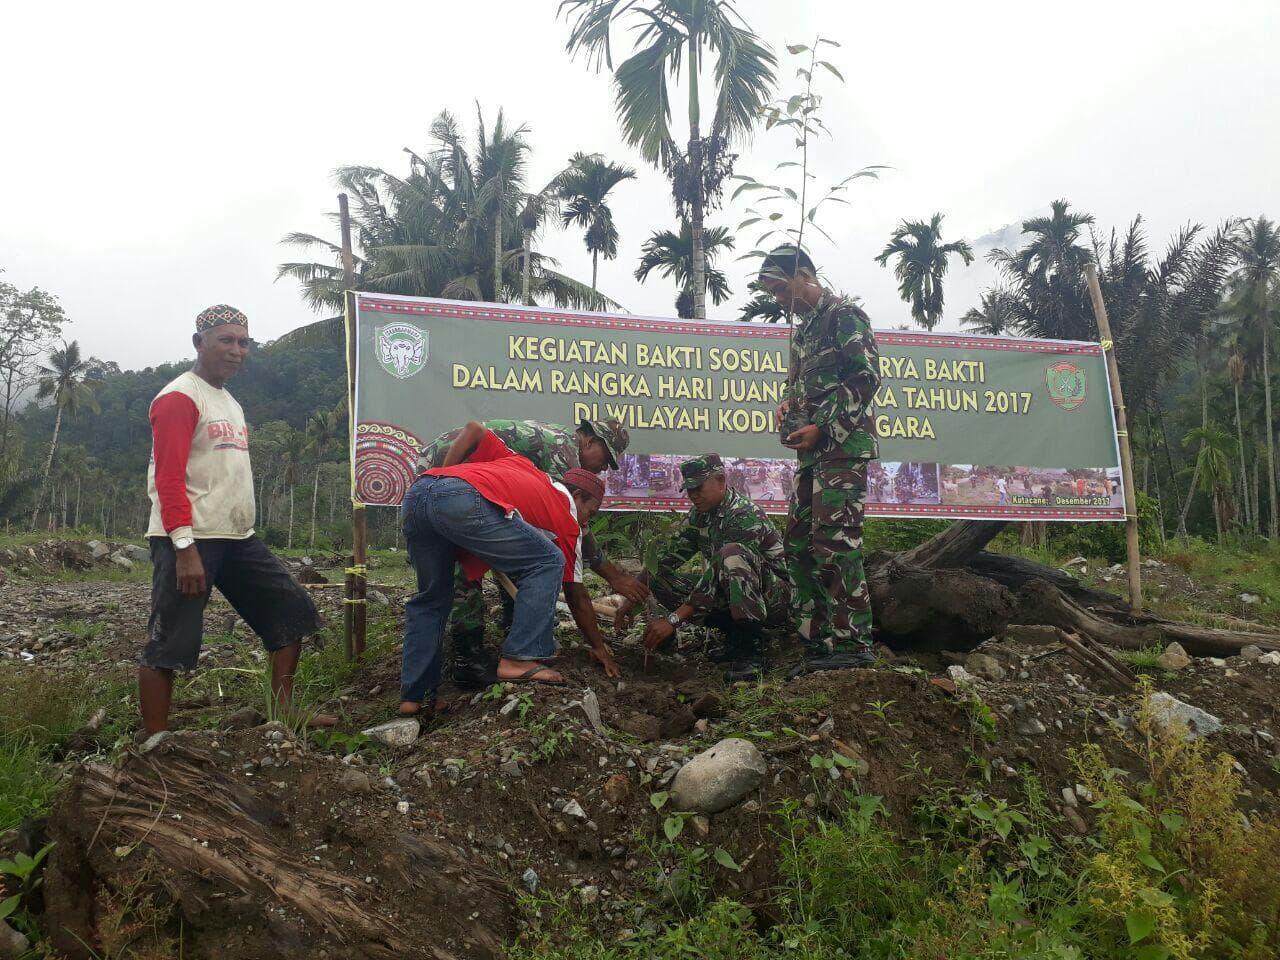 Peringati HJK, Kodim Agara Adakan Penghijauan 235 Pohon.